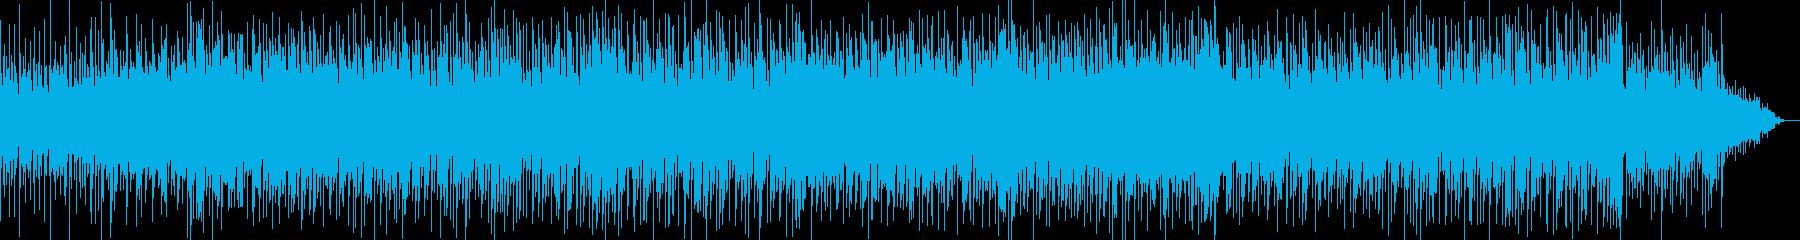 明るく爽やかなイメージのBGMの再生済みの波形